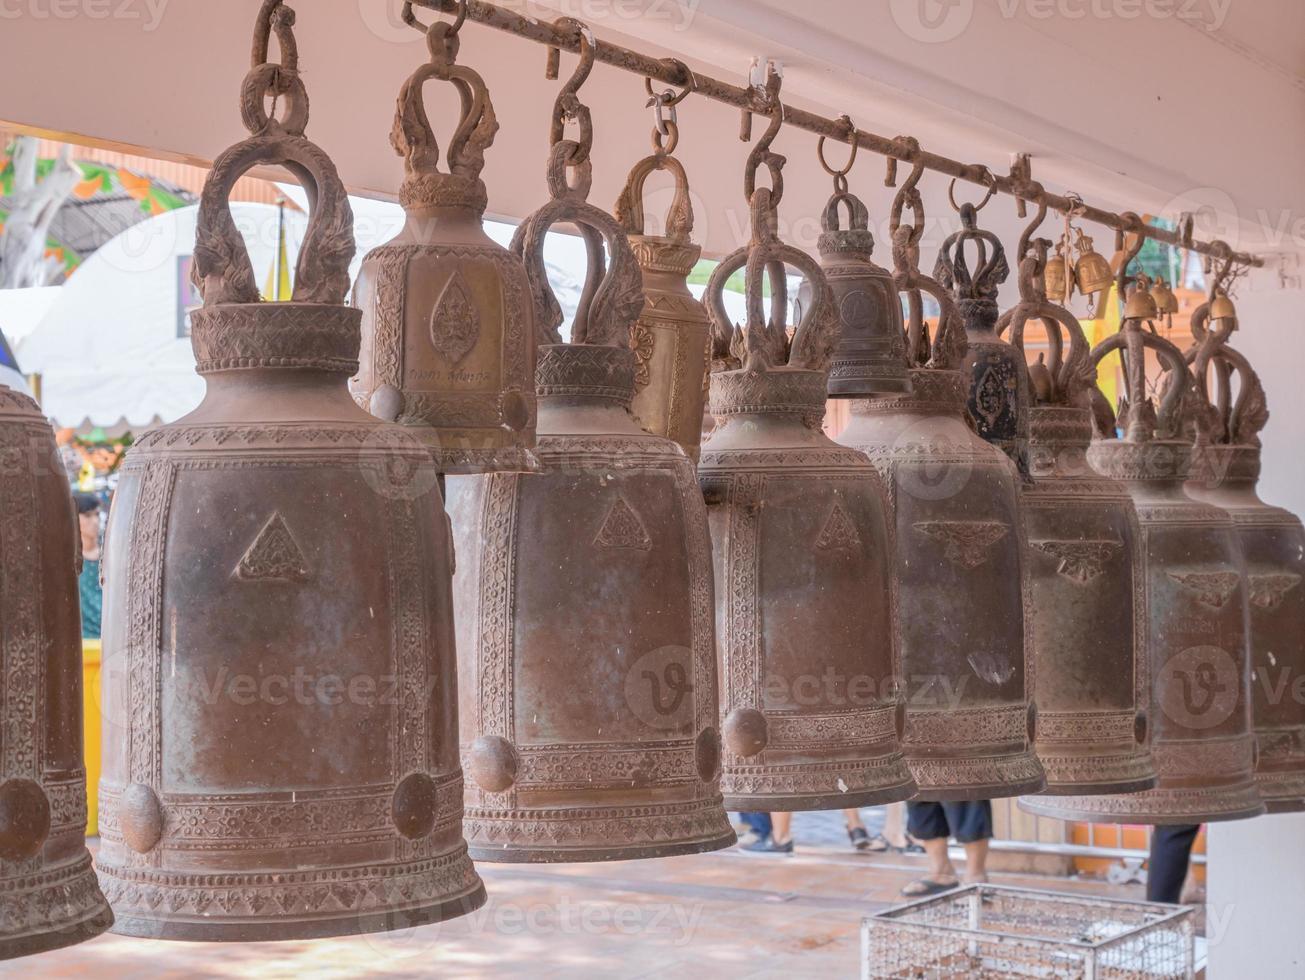 klokken in een boeddhistische tempel foto